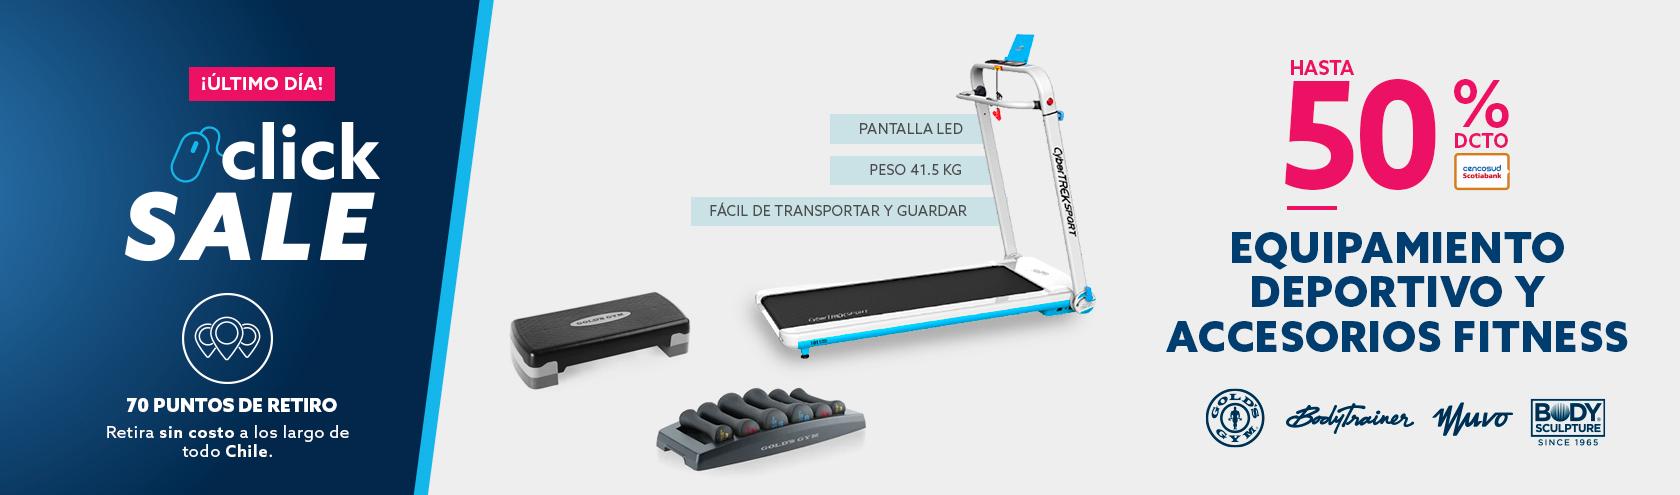 Hasta 50% descuento con Tarjeta Cencosud en equipamiento y accesorios deportivos